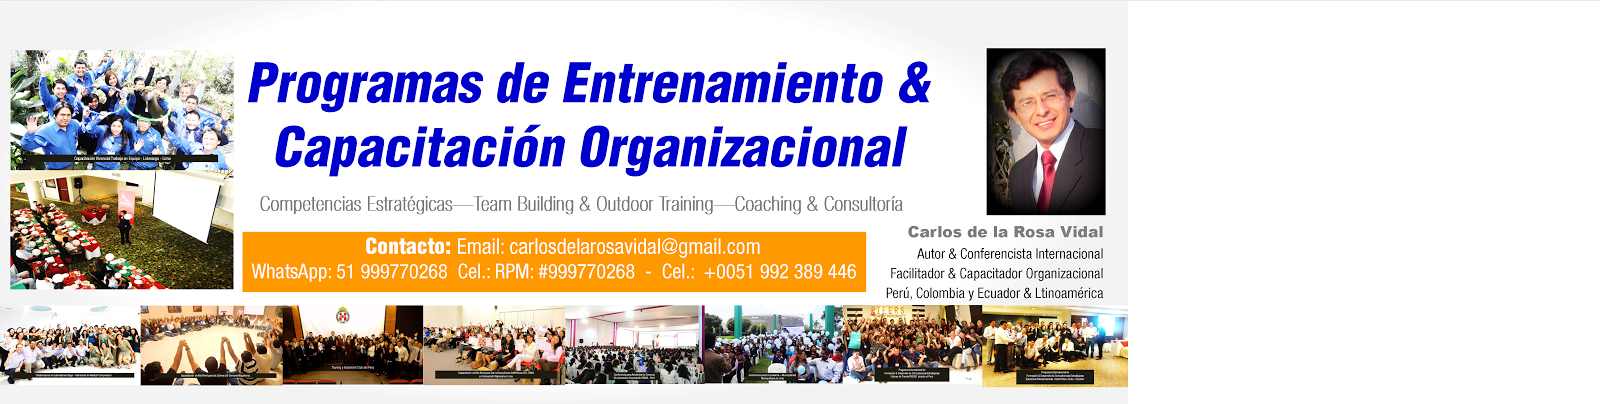 Autor y Conferencista Internacional | Carlos de la Rosa Vidal